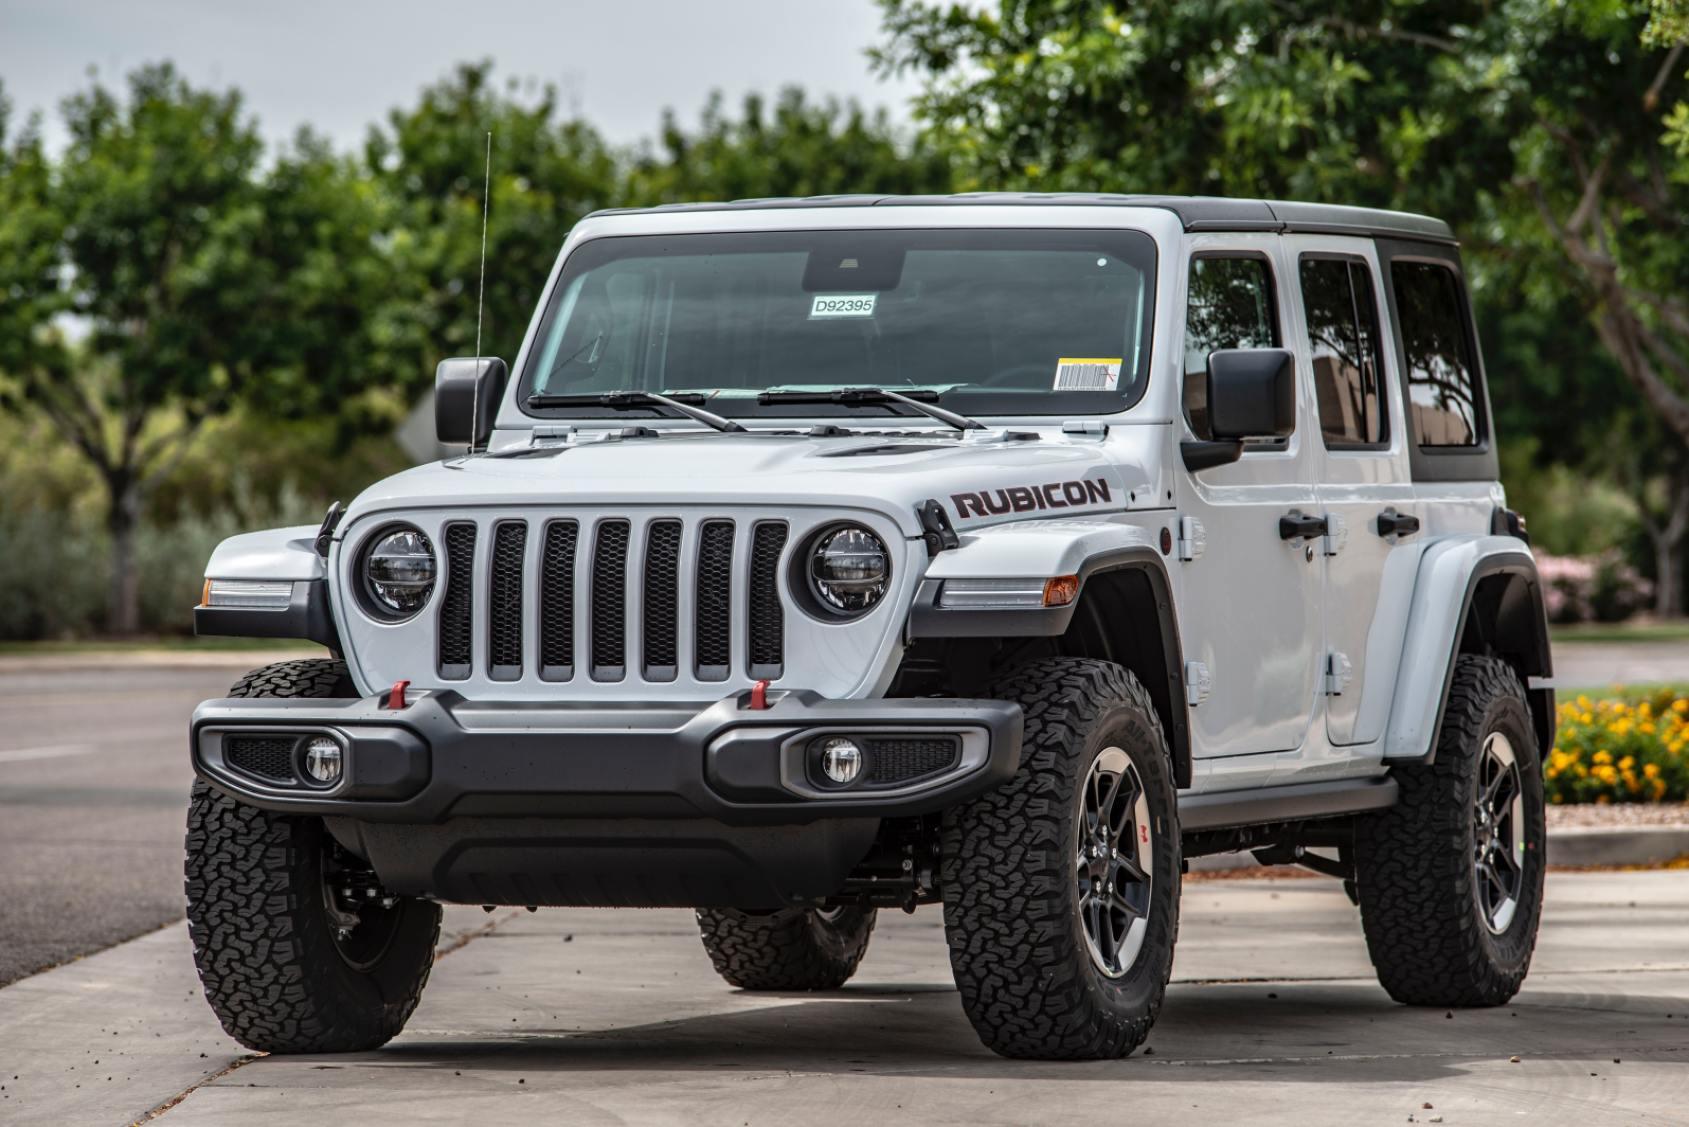 Jeep Rubicon - Original image